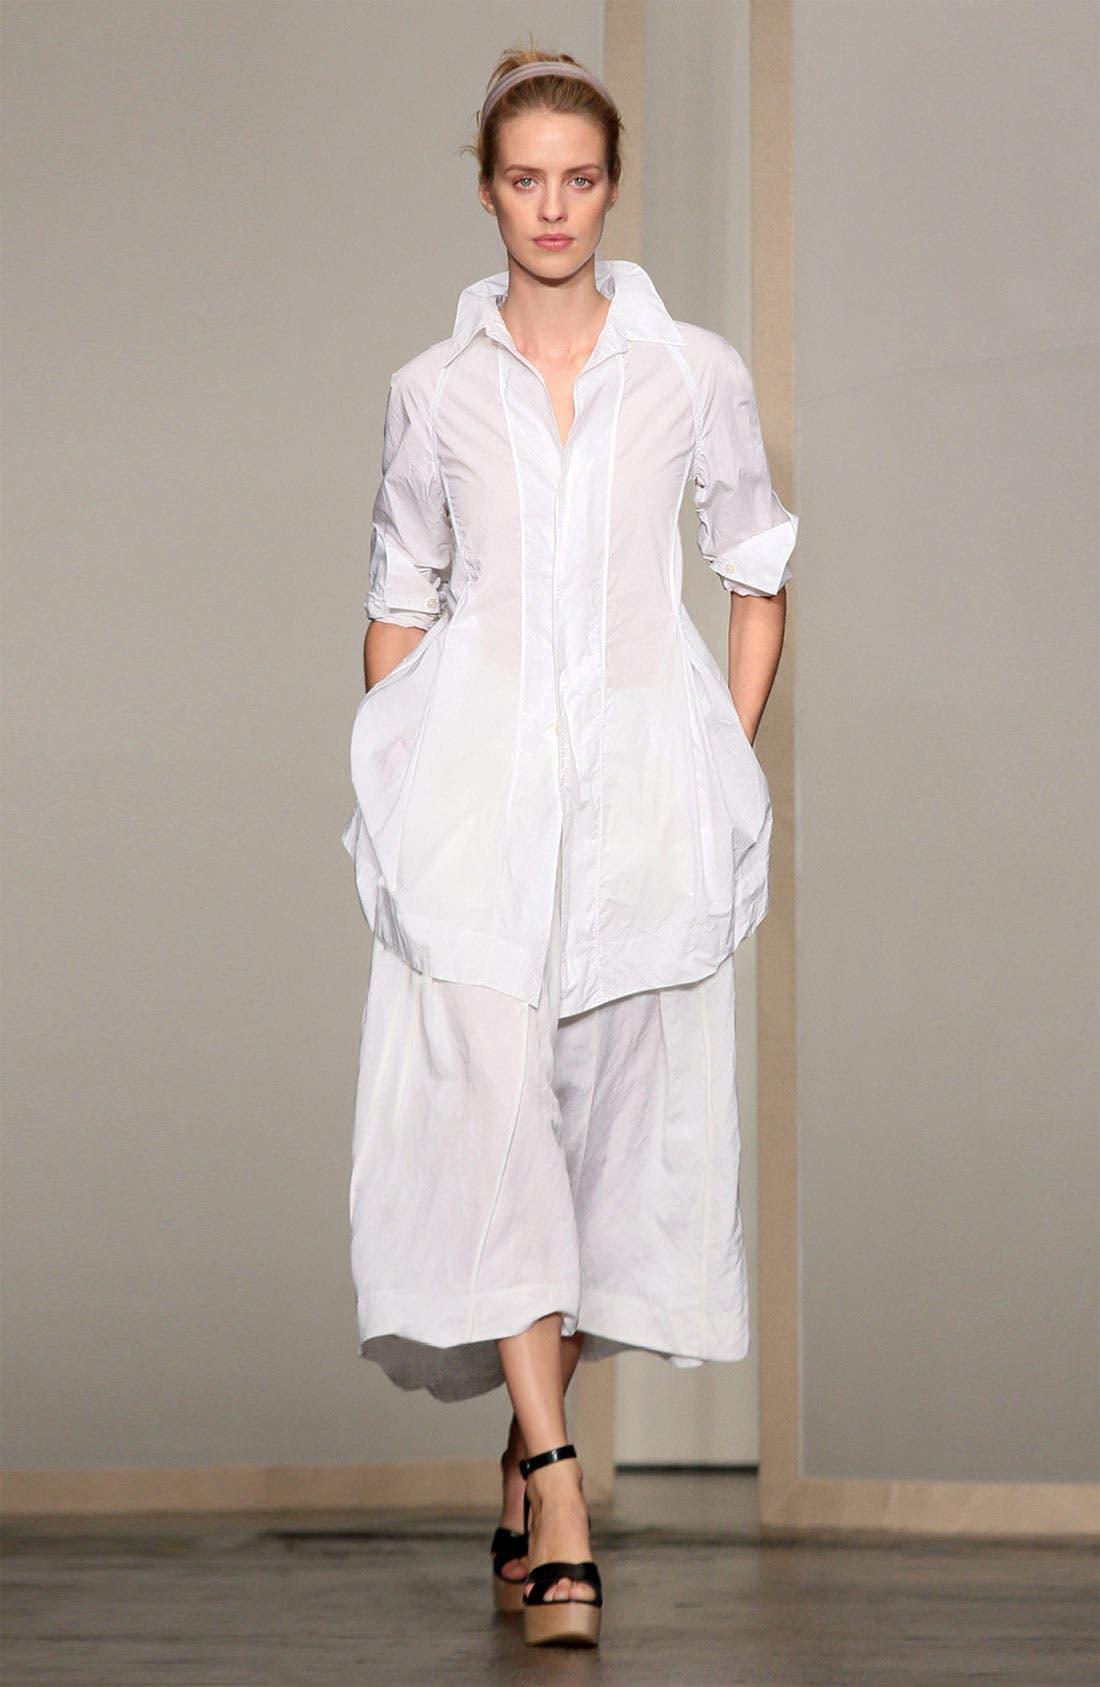 Alternate Image 1 Selected - Donna Karan Collection Shirt & Skirt